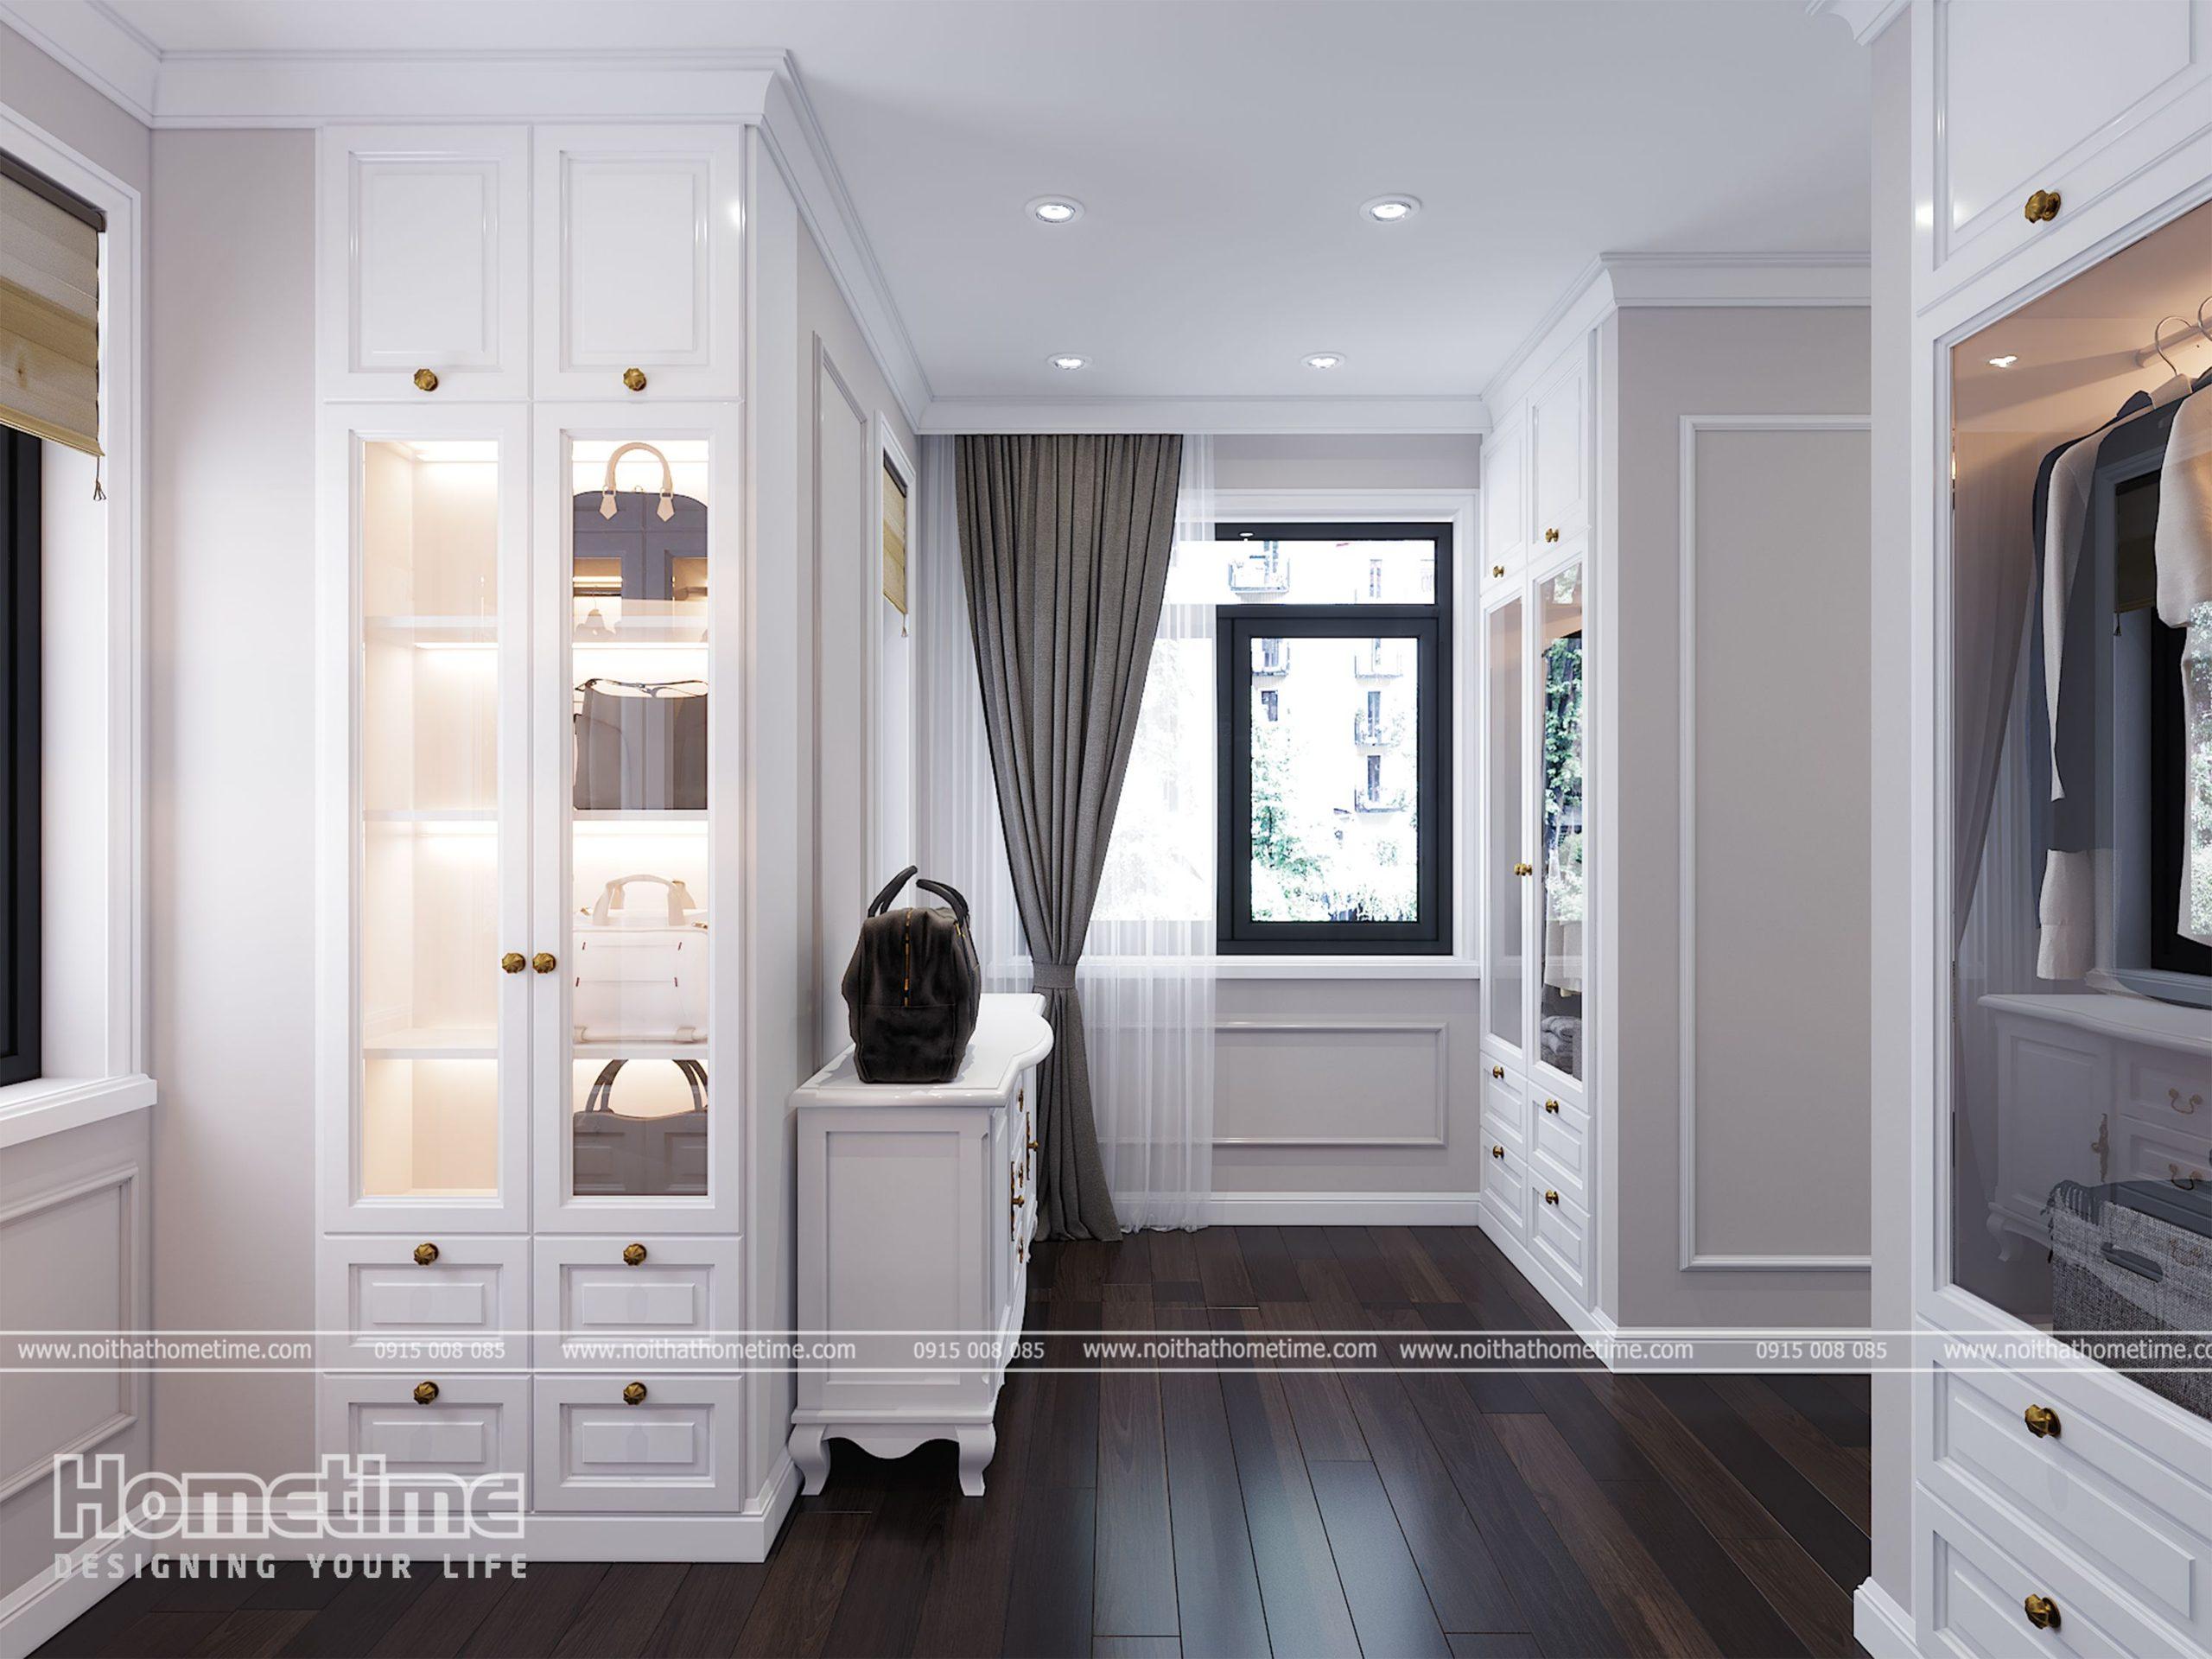 Đèn led gắn trong tủ sẽ giúp bạn tìm đồ khi không bật điện phòng